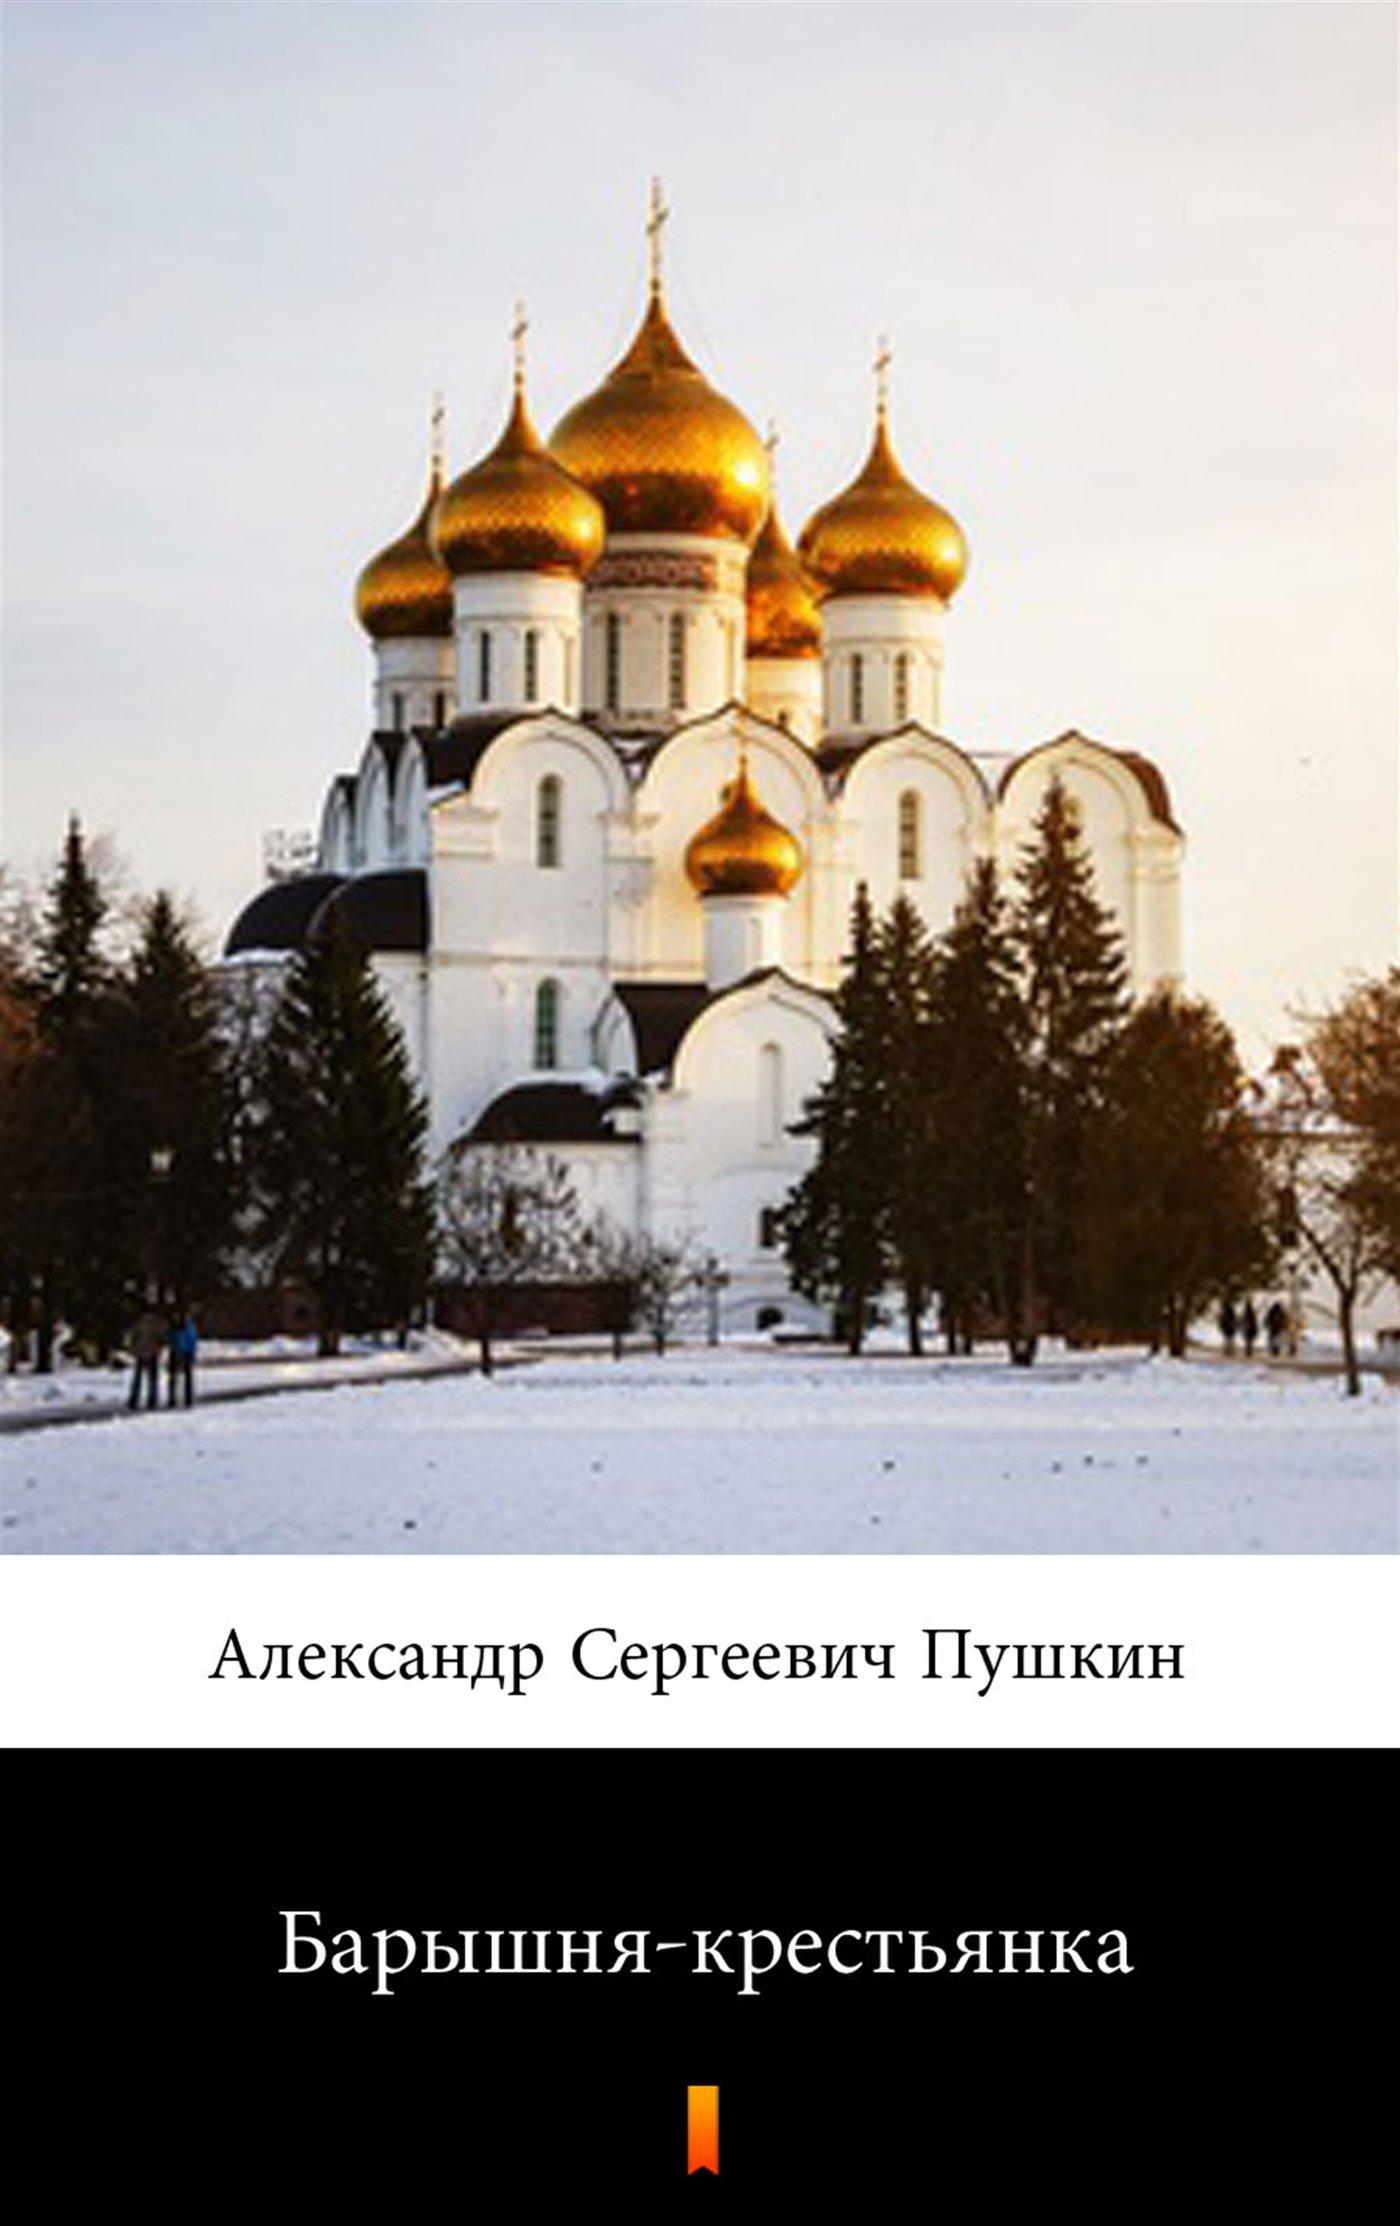 Барышня-крестьянка - Ebook (Książka na Kindle) do pobrania w formacie MOBI